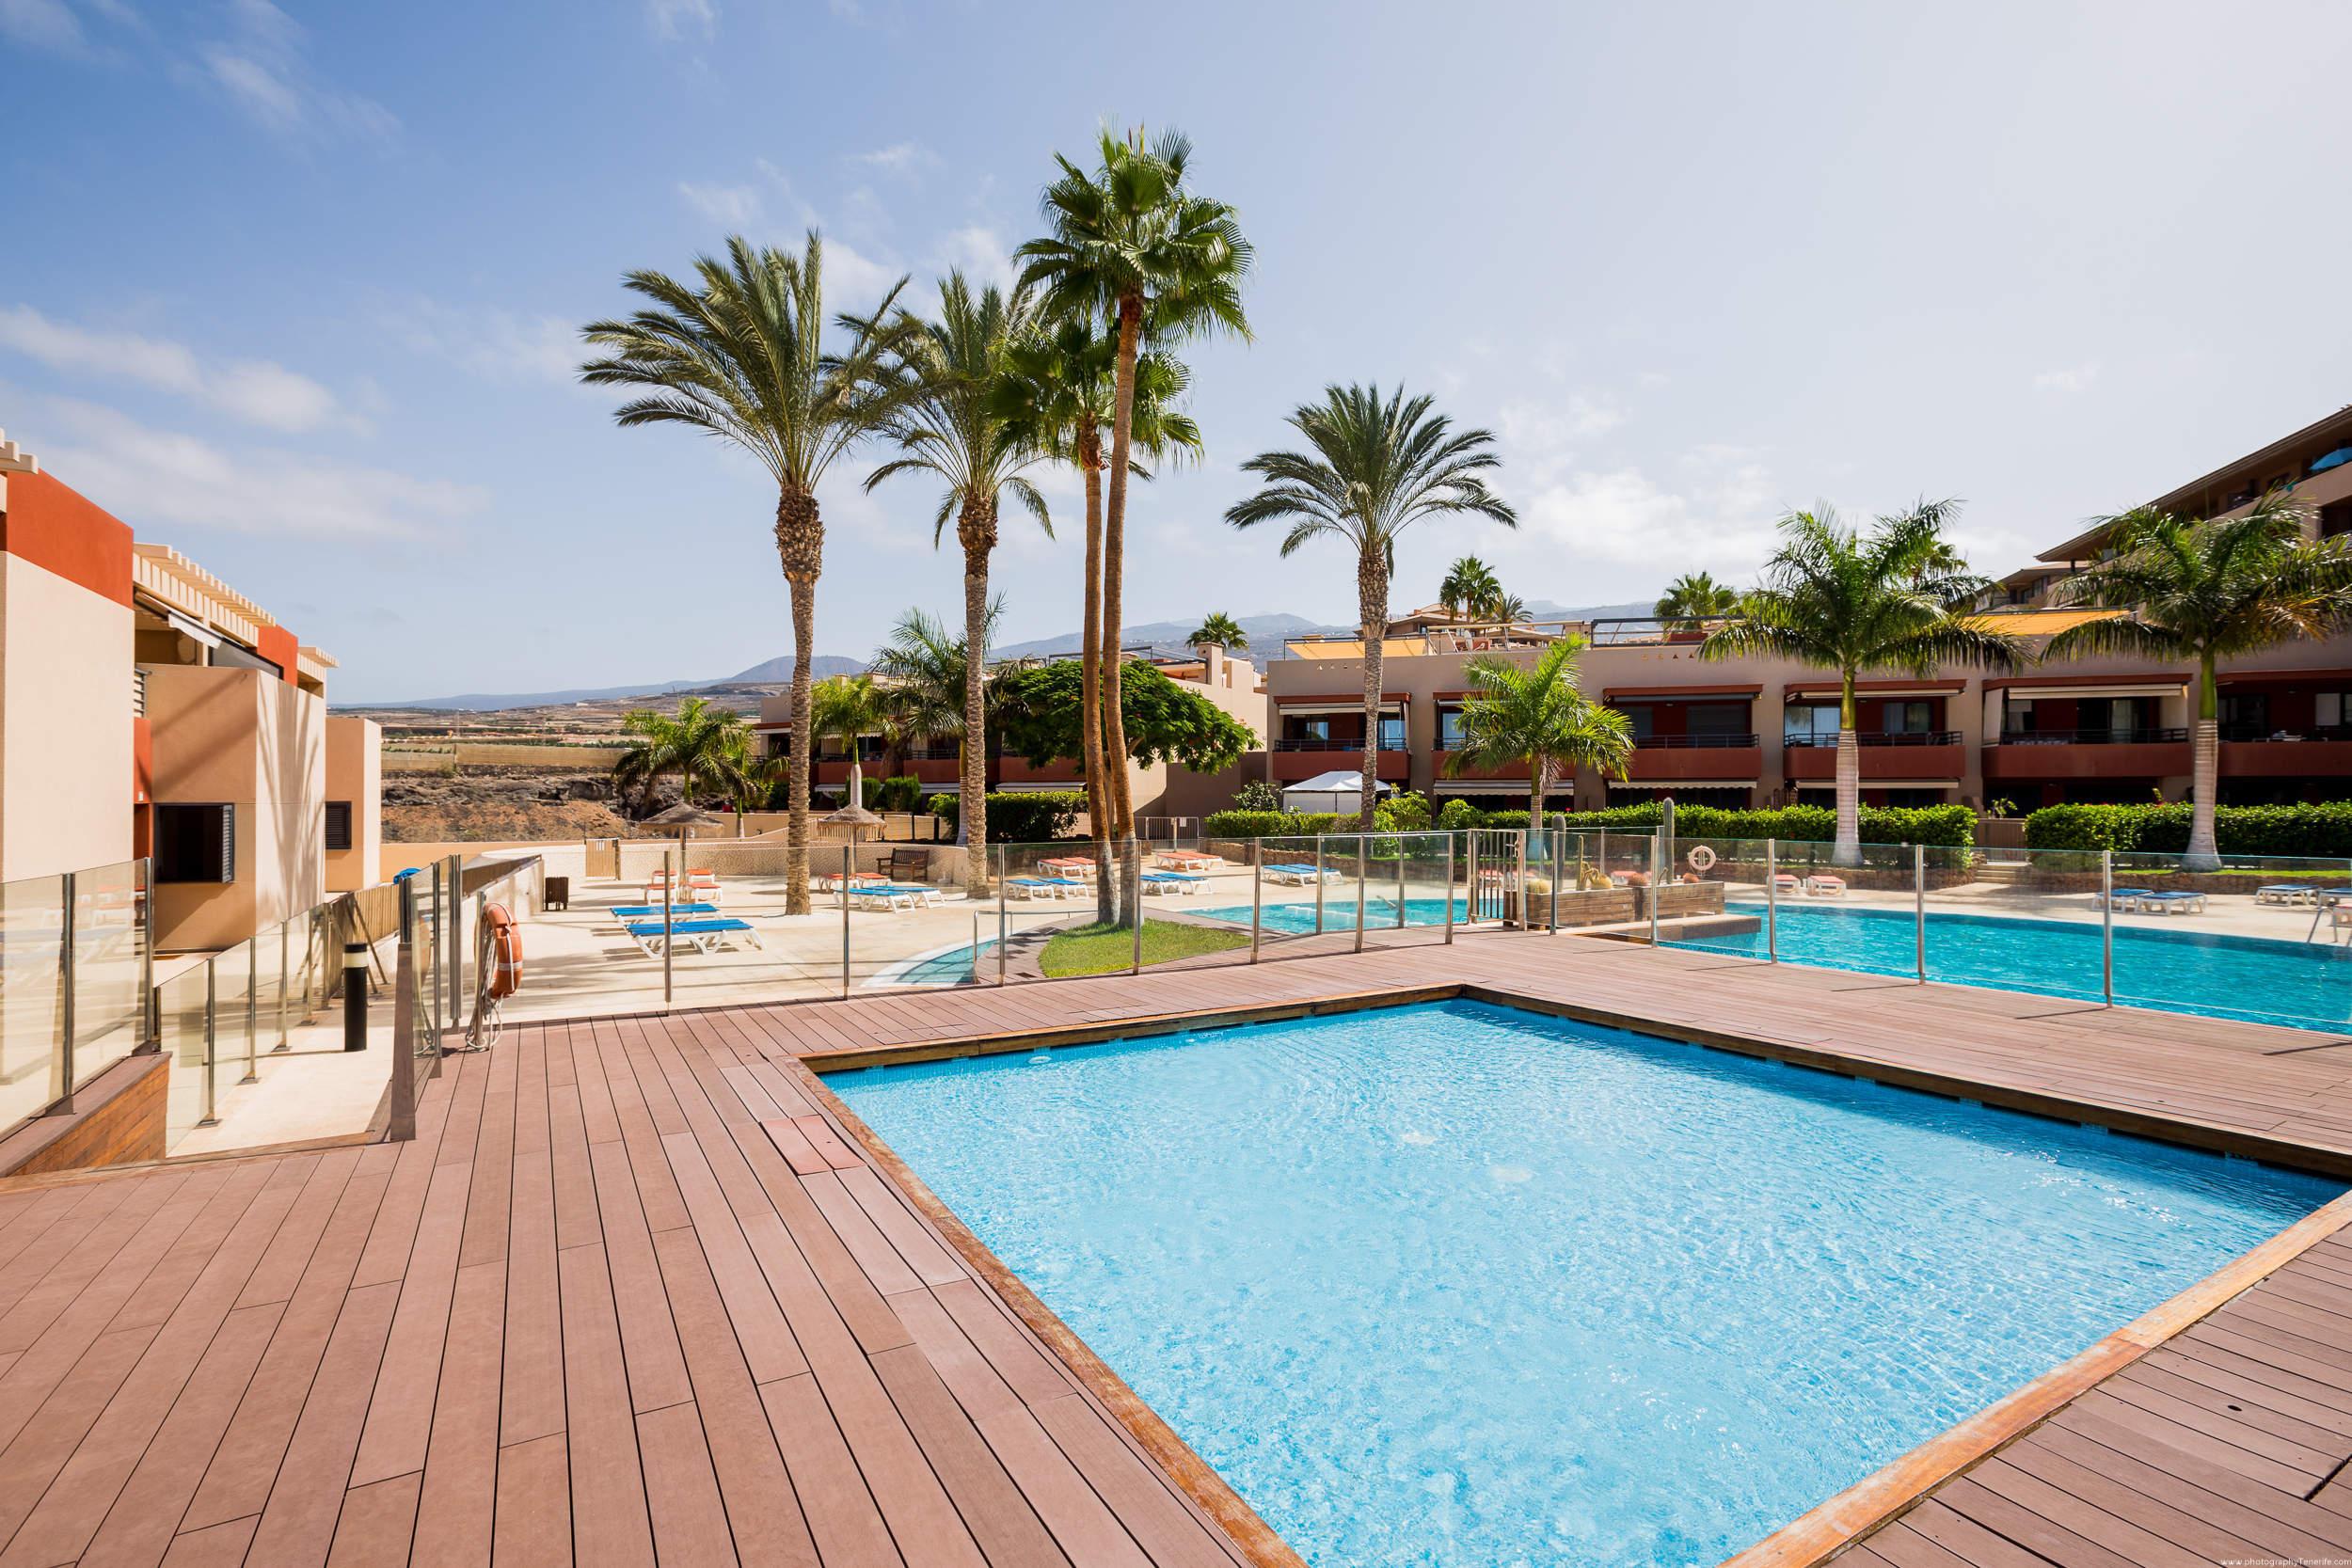 apartamento residencial paraiso 1 playa paraiso Tenerife Vacances 2020 0